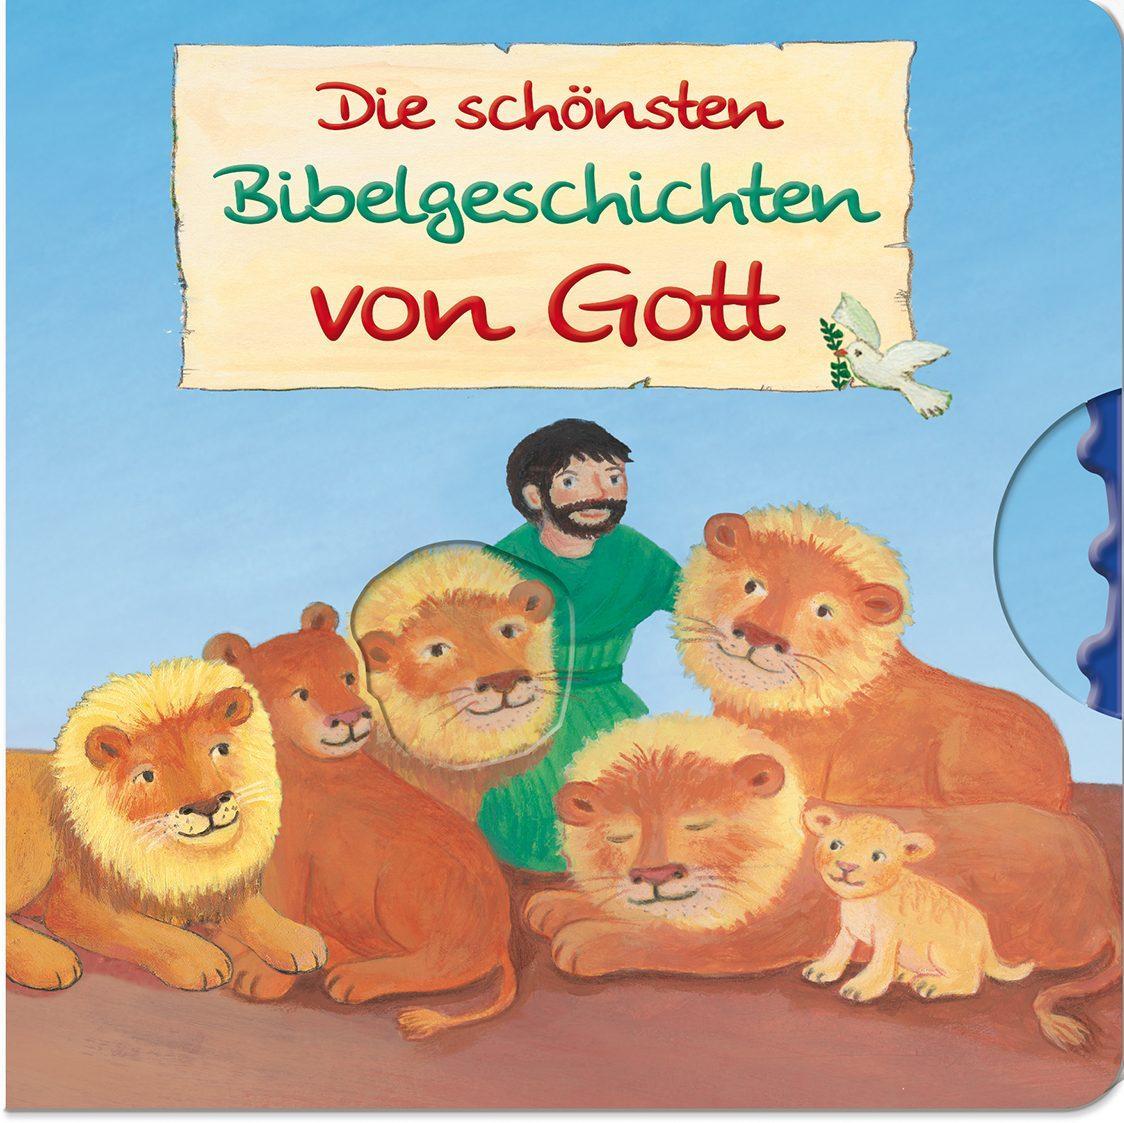 Bube Die schönsten Bibelgeschichten von Gott 203318